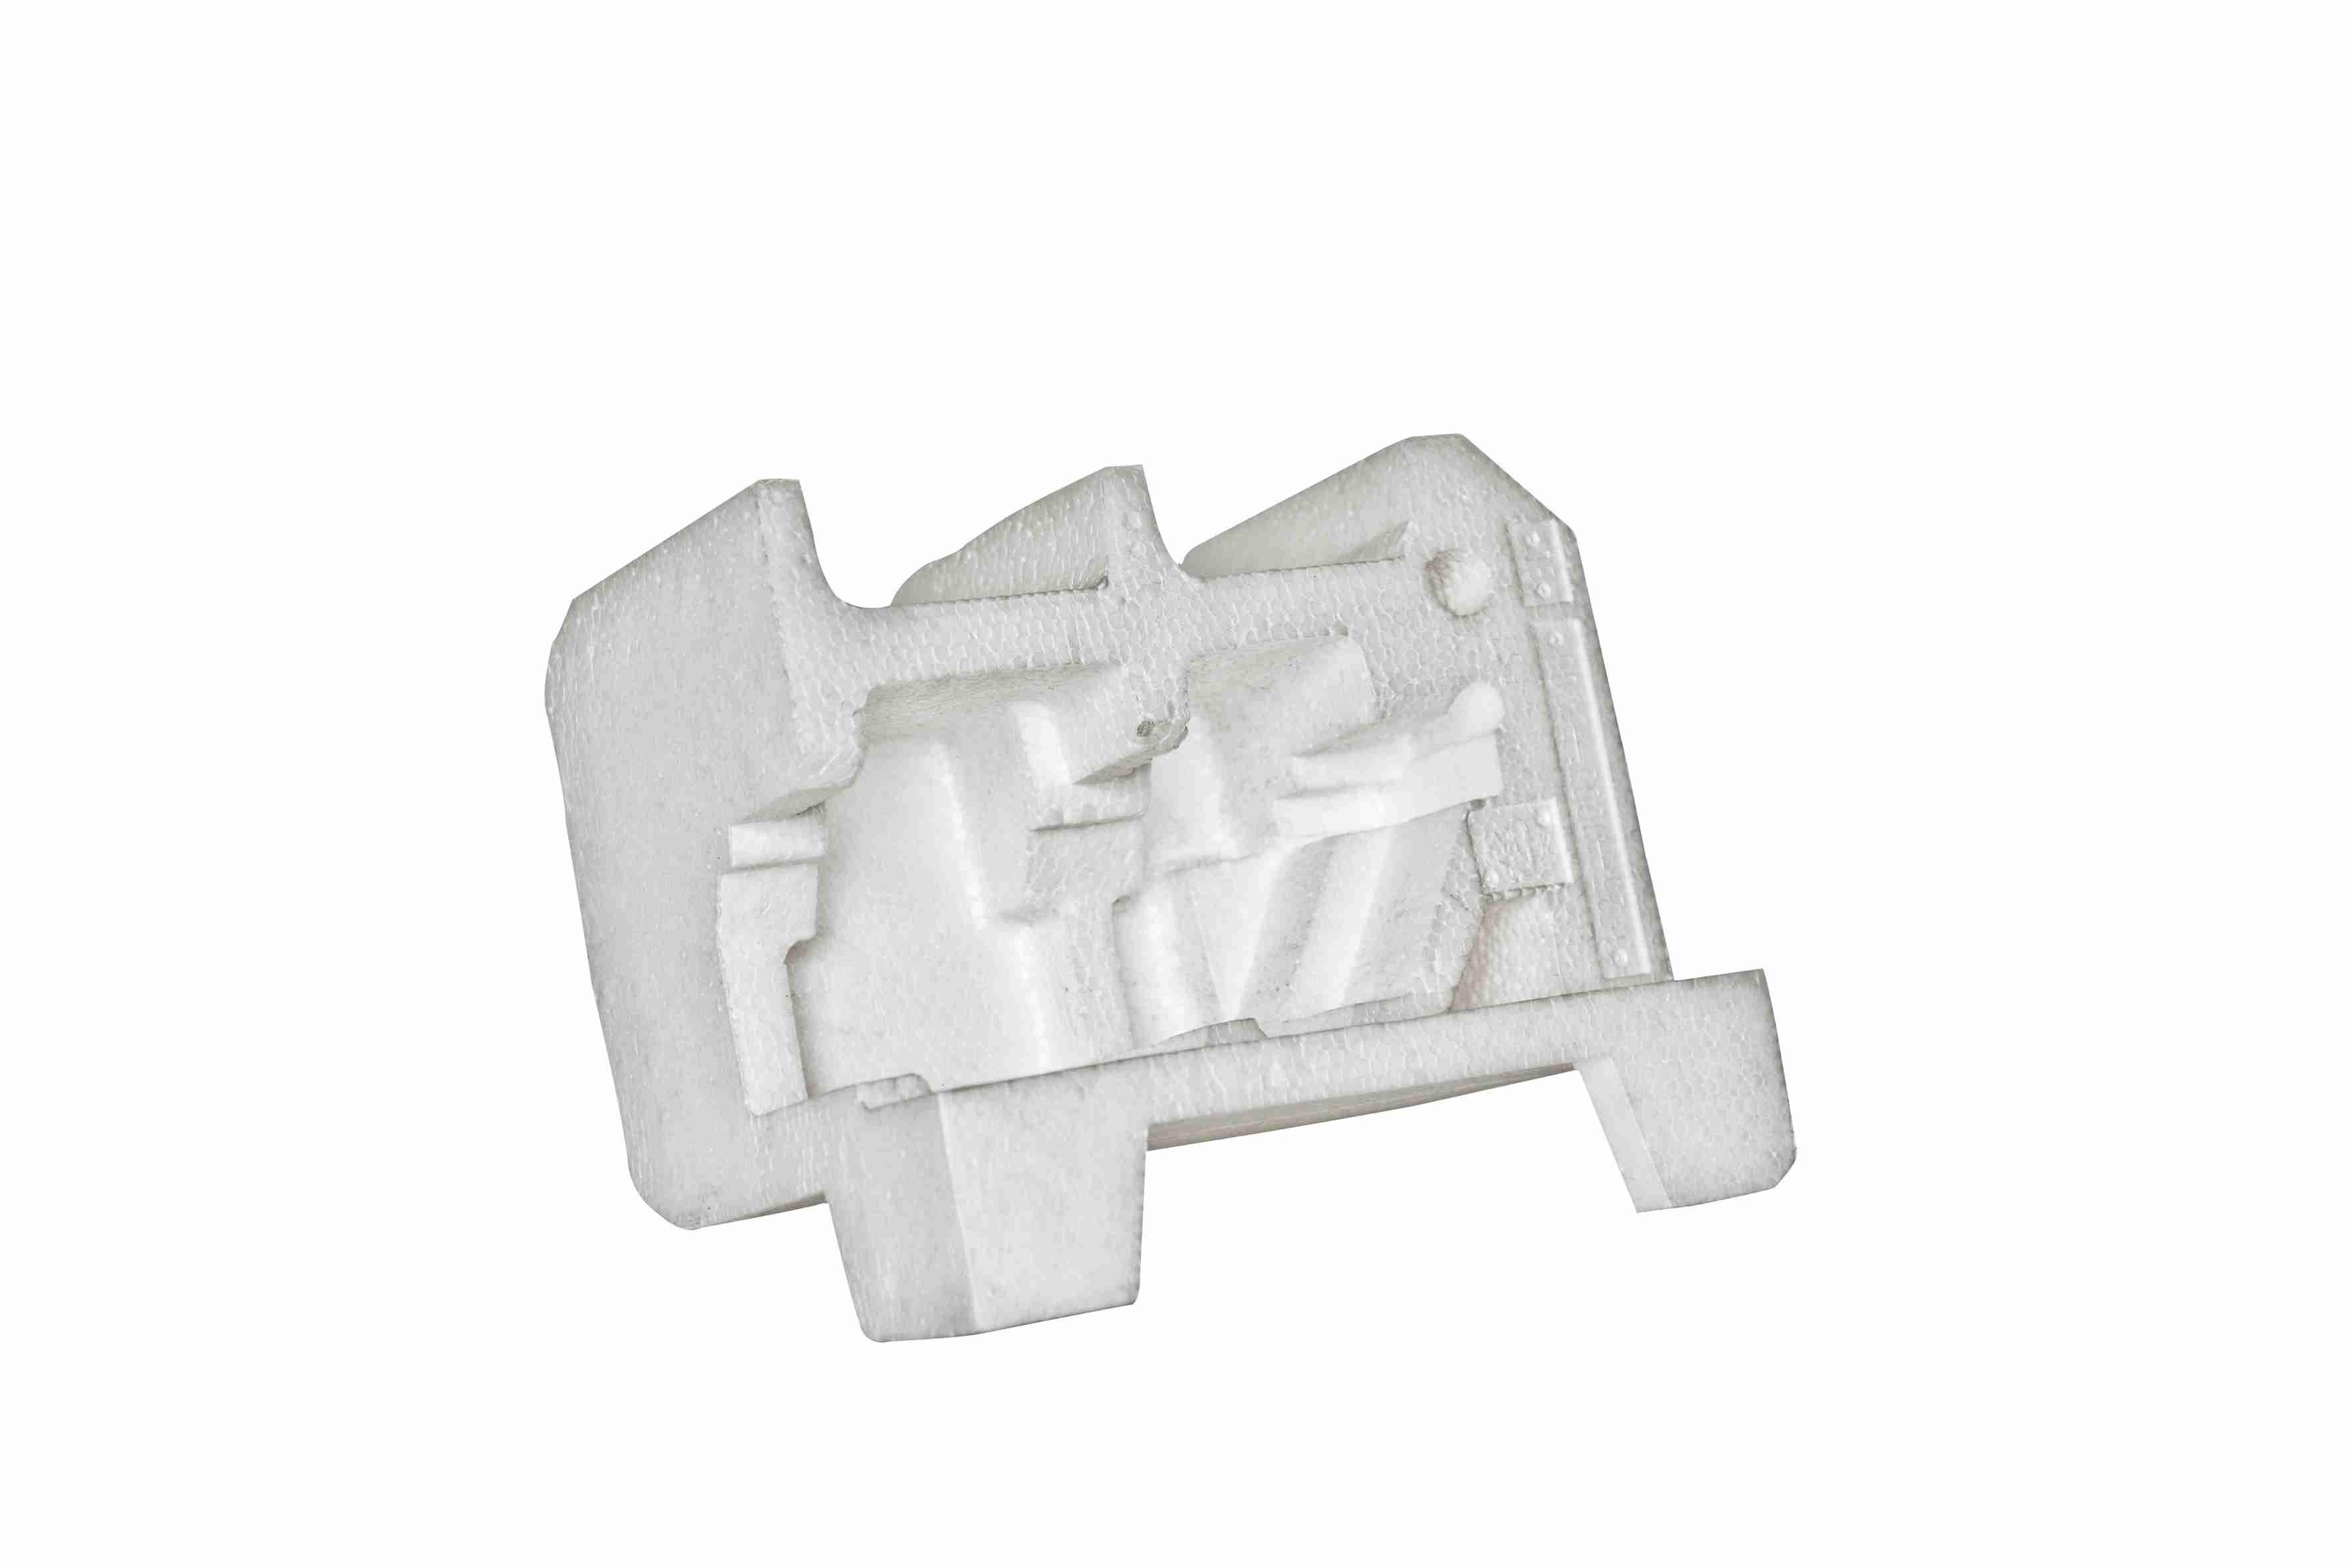 火热畅销的EPS包装材料产品信息 |EPS包装材料用途